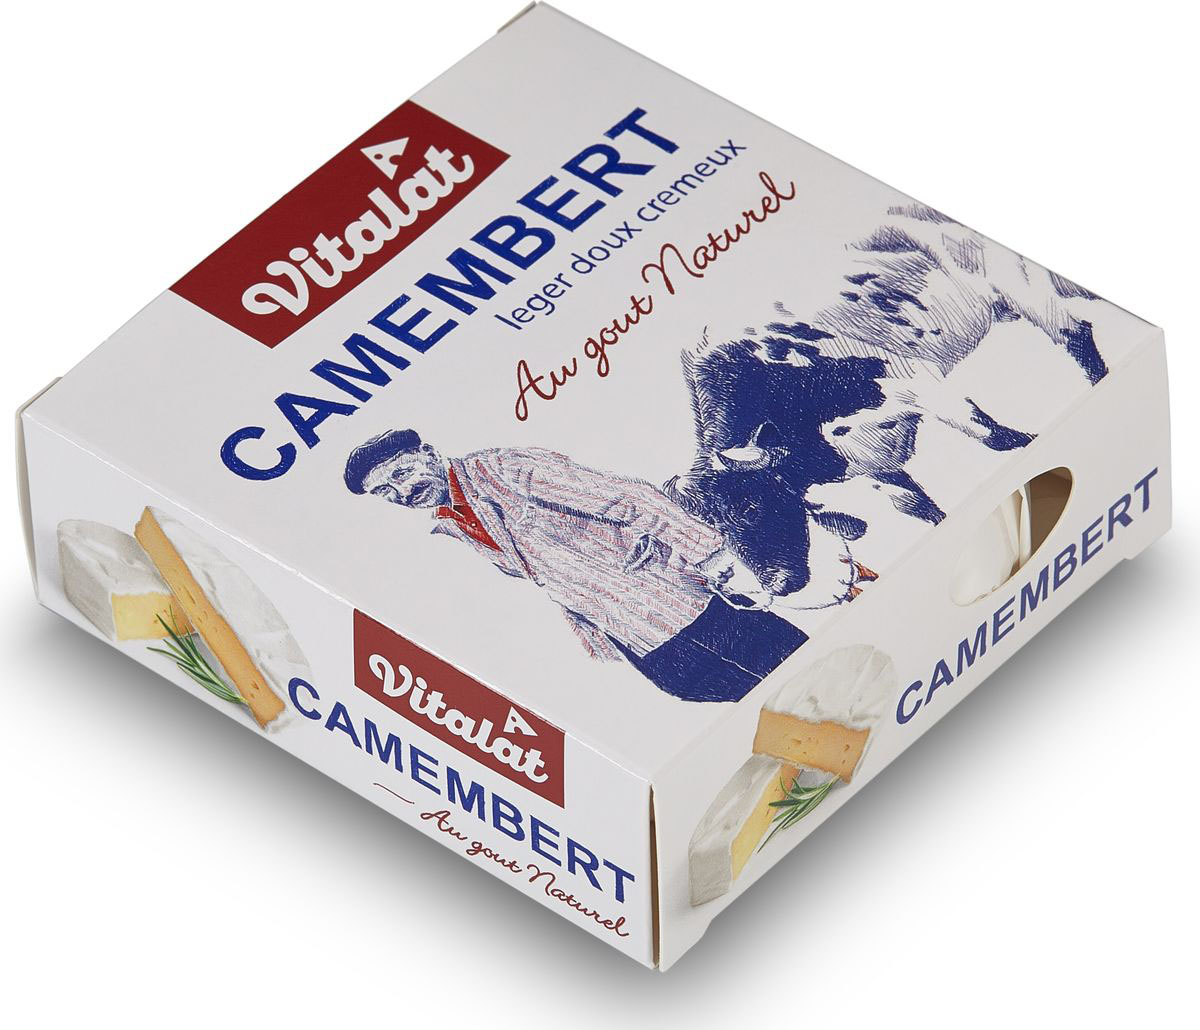 Vitalat Сыр Камамбер, 45%, 125 г331-261Камамбер – один из самых распространенных мягких французских сыров в мире Его история начинается с конца 17 века Он узнаваем своей натуральной нежной корочкой, покрытой специальной пищевой белой плесенью без резкого запаха Для этого сорта